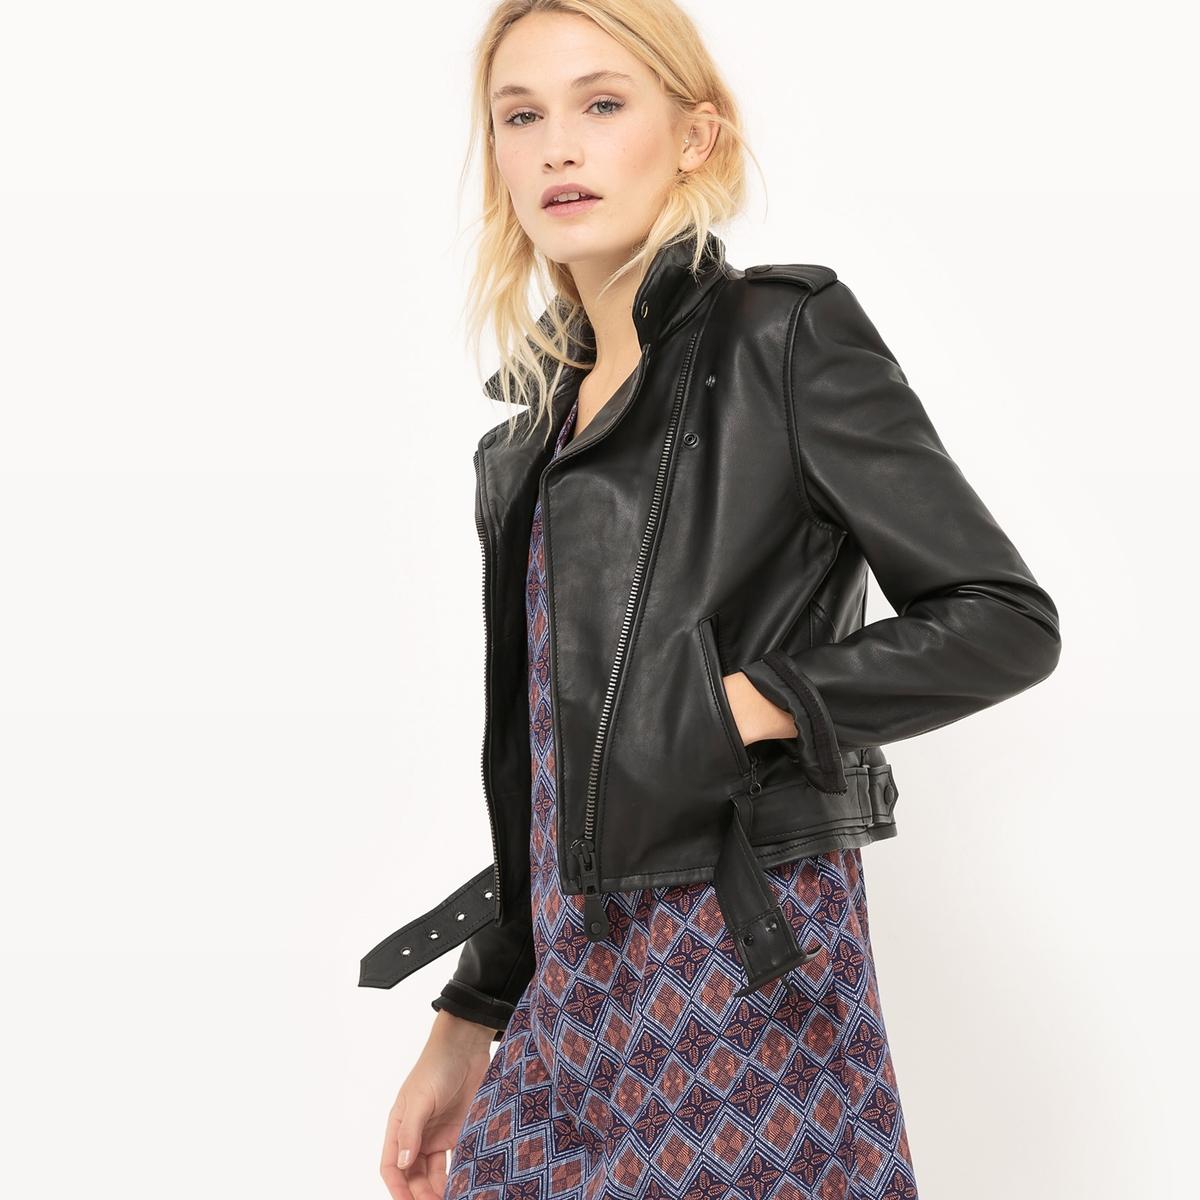 Куртка кожаная на молнии и со съемным поясомМатериал : 100% кожа Тип застежки : застежка на молнию.  Форма воротника : воротник-поло, рубашечный. Длина : укороченная модельРисунок : Однотонная модель   Особенность изделия: С поясом<br><br>Цвет: черный